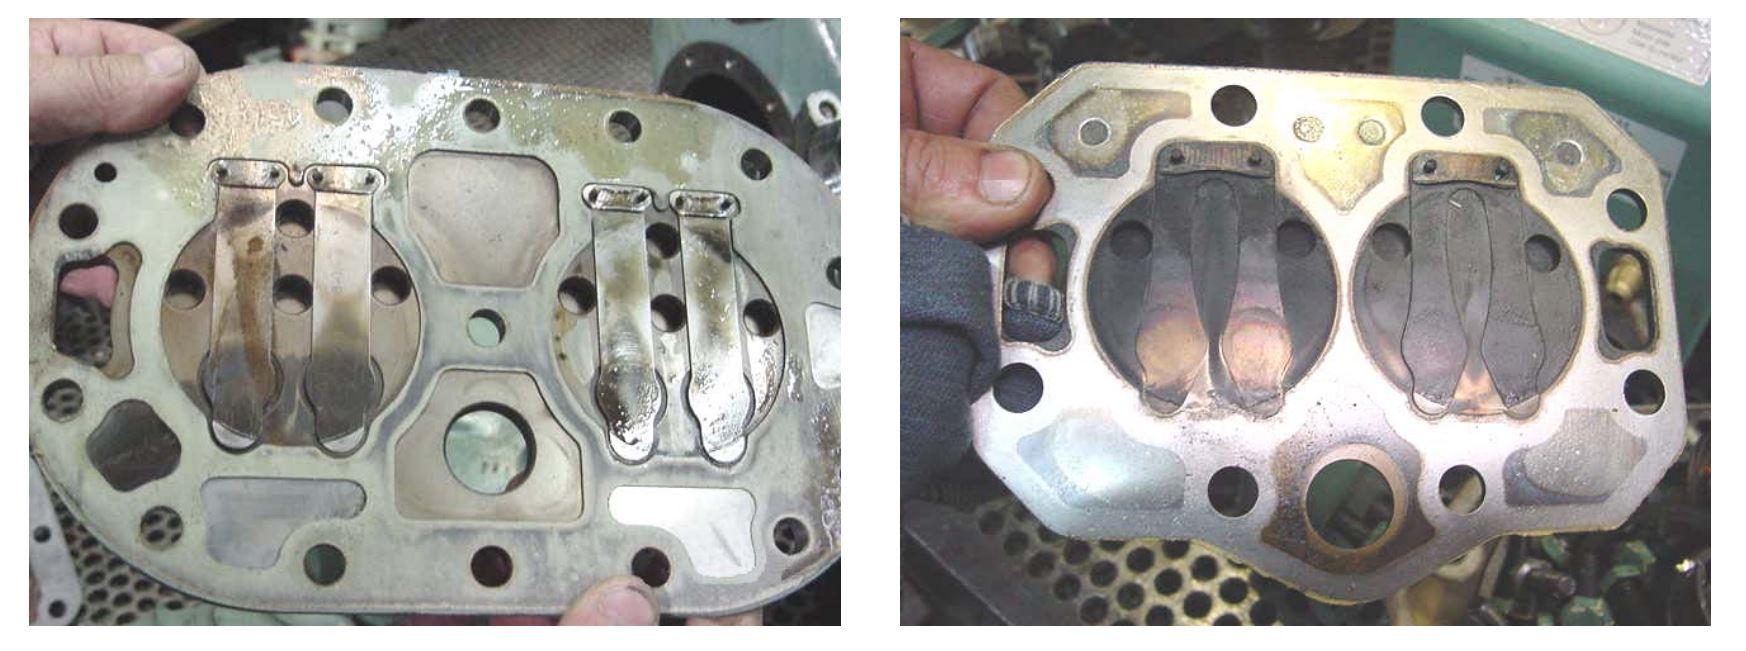 Compresores 2 - 4 - Platos de válvulas